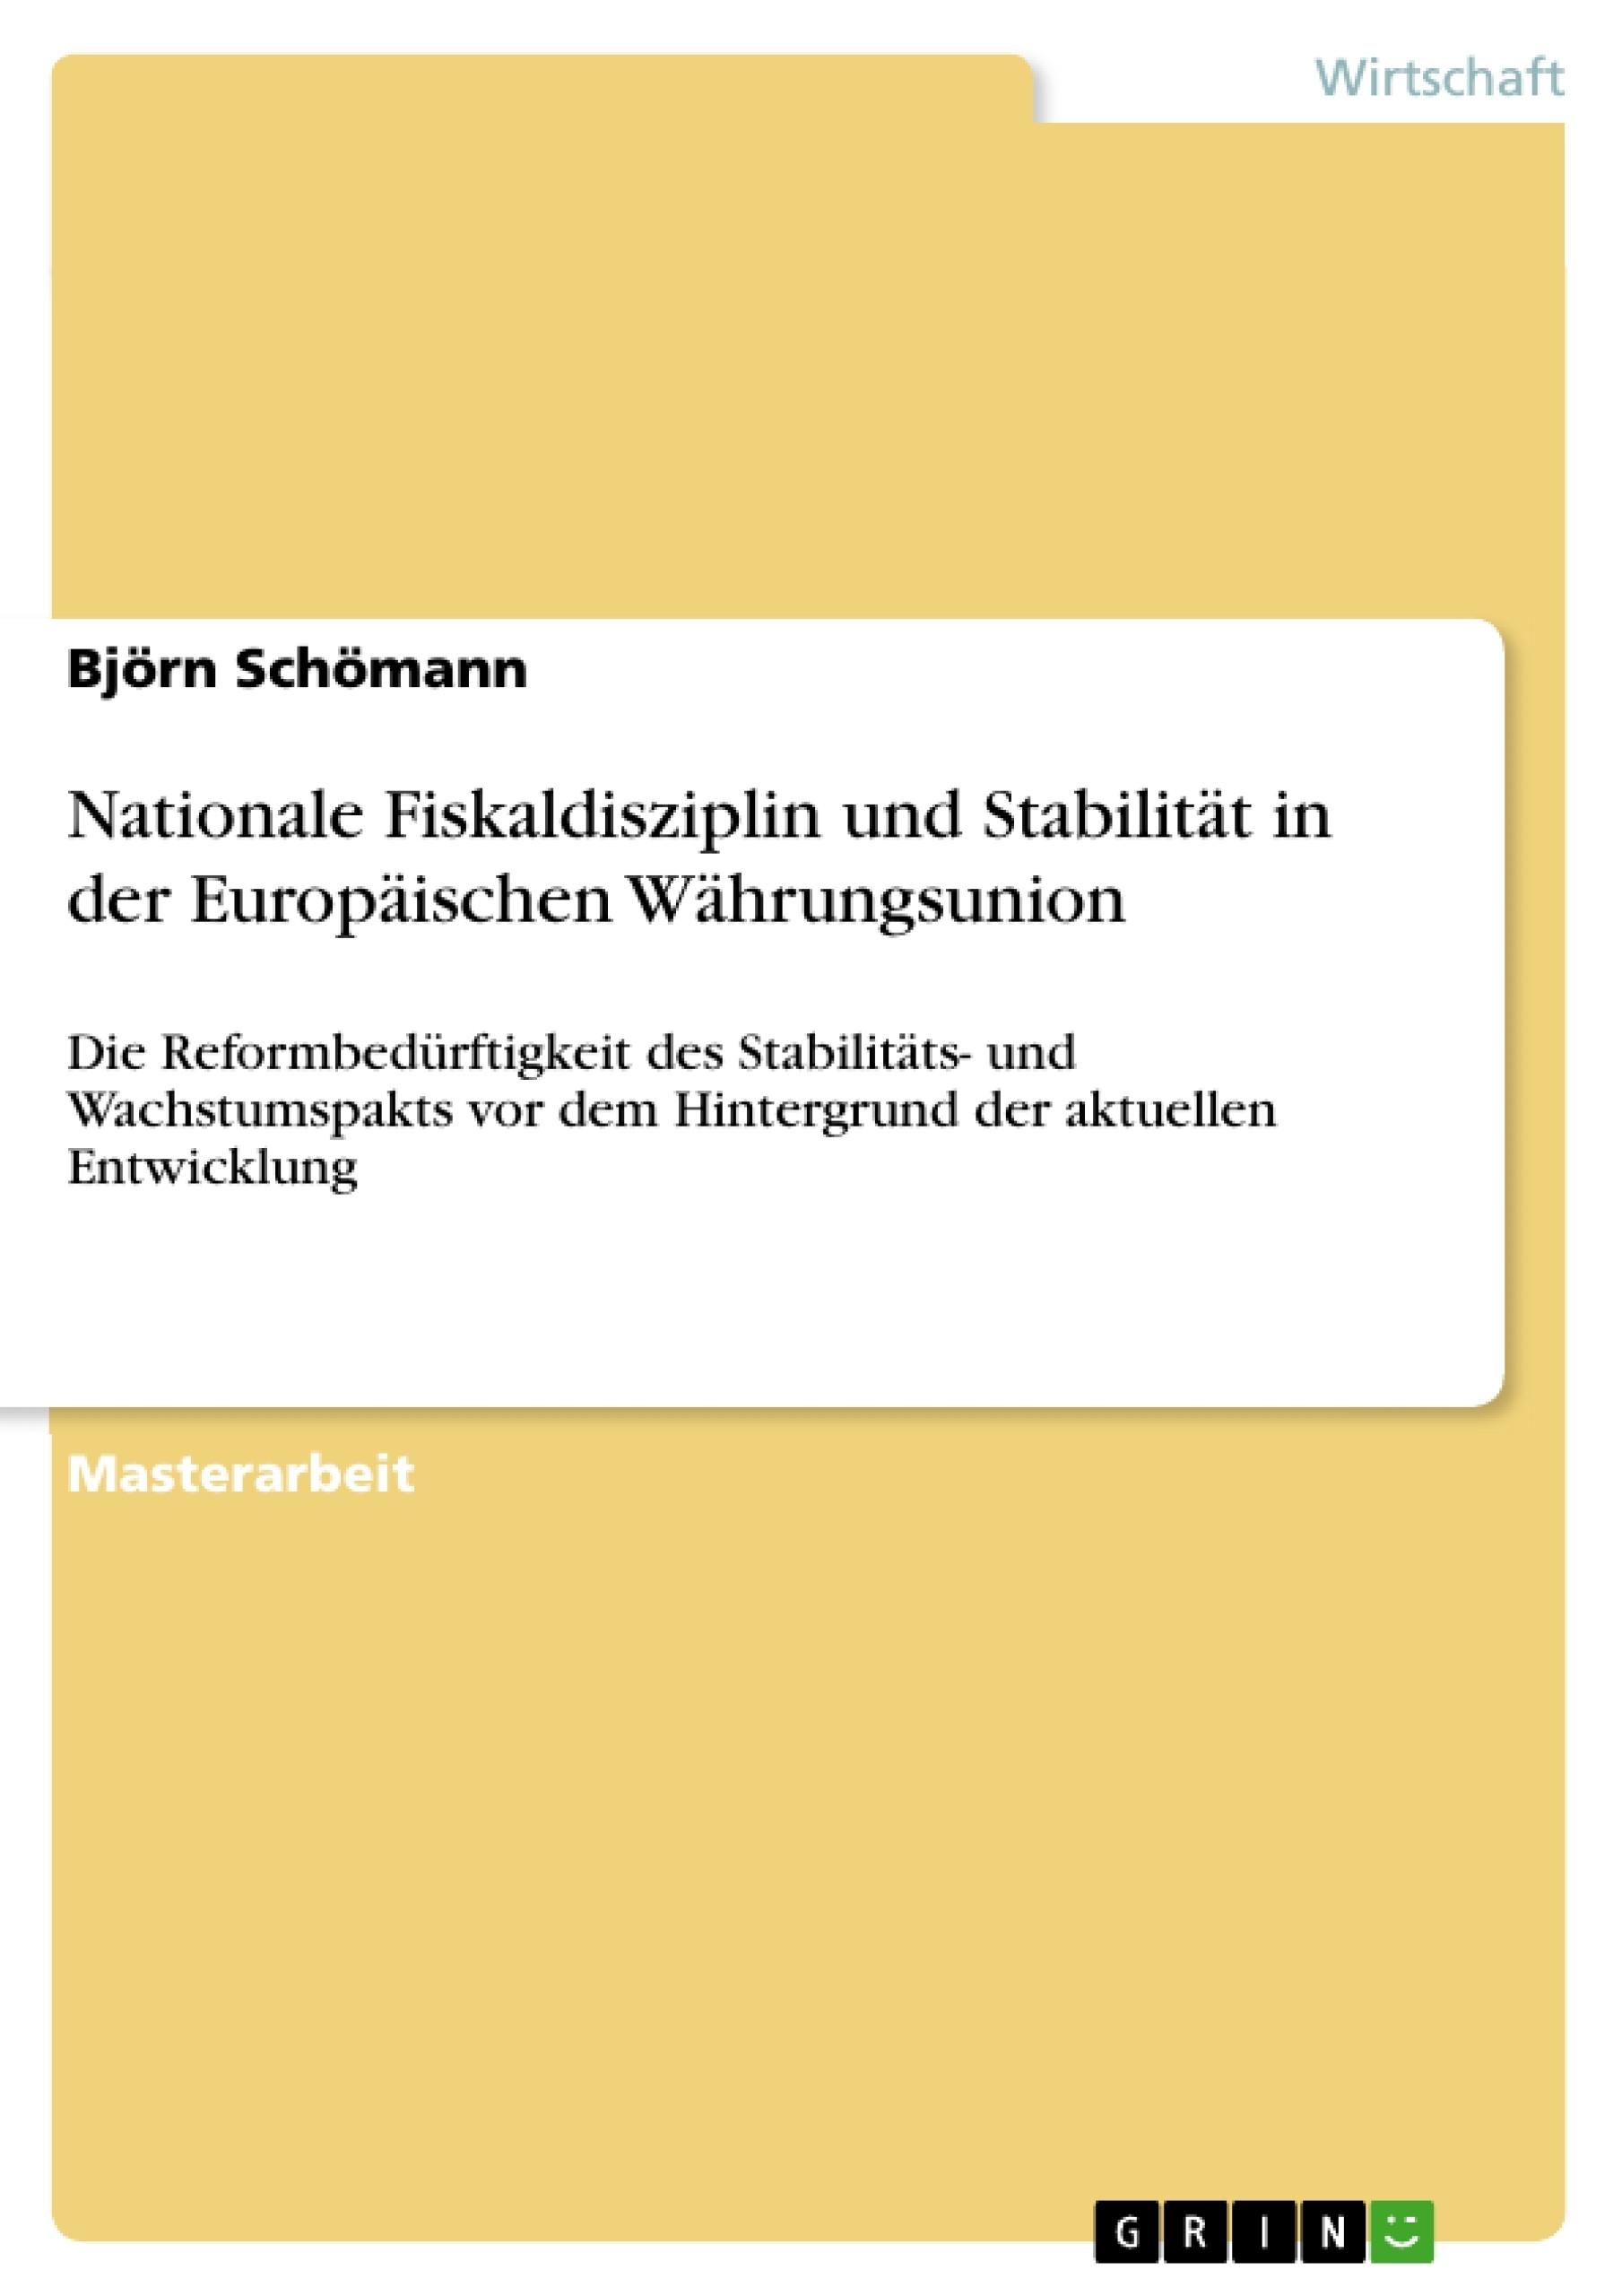 Titel: Nationale Fiskaldisziplin und Stabilität in der Europäischen Währungsunion